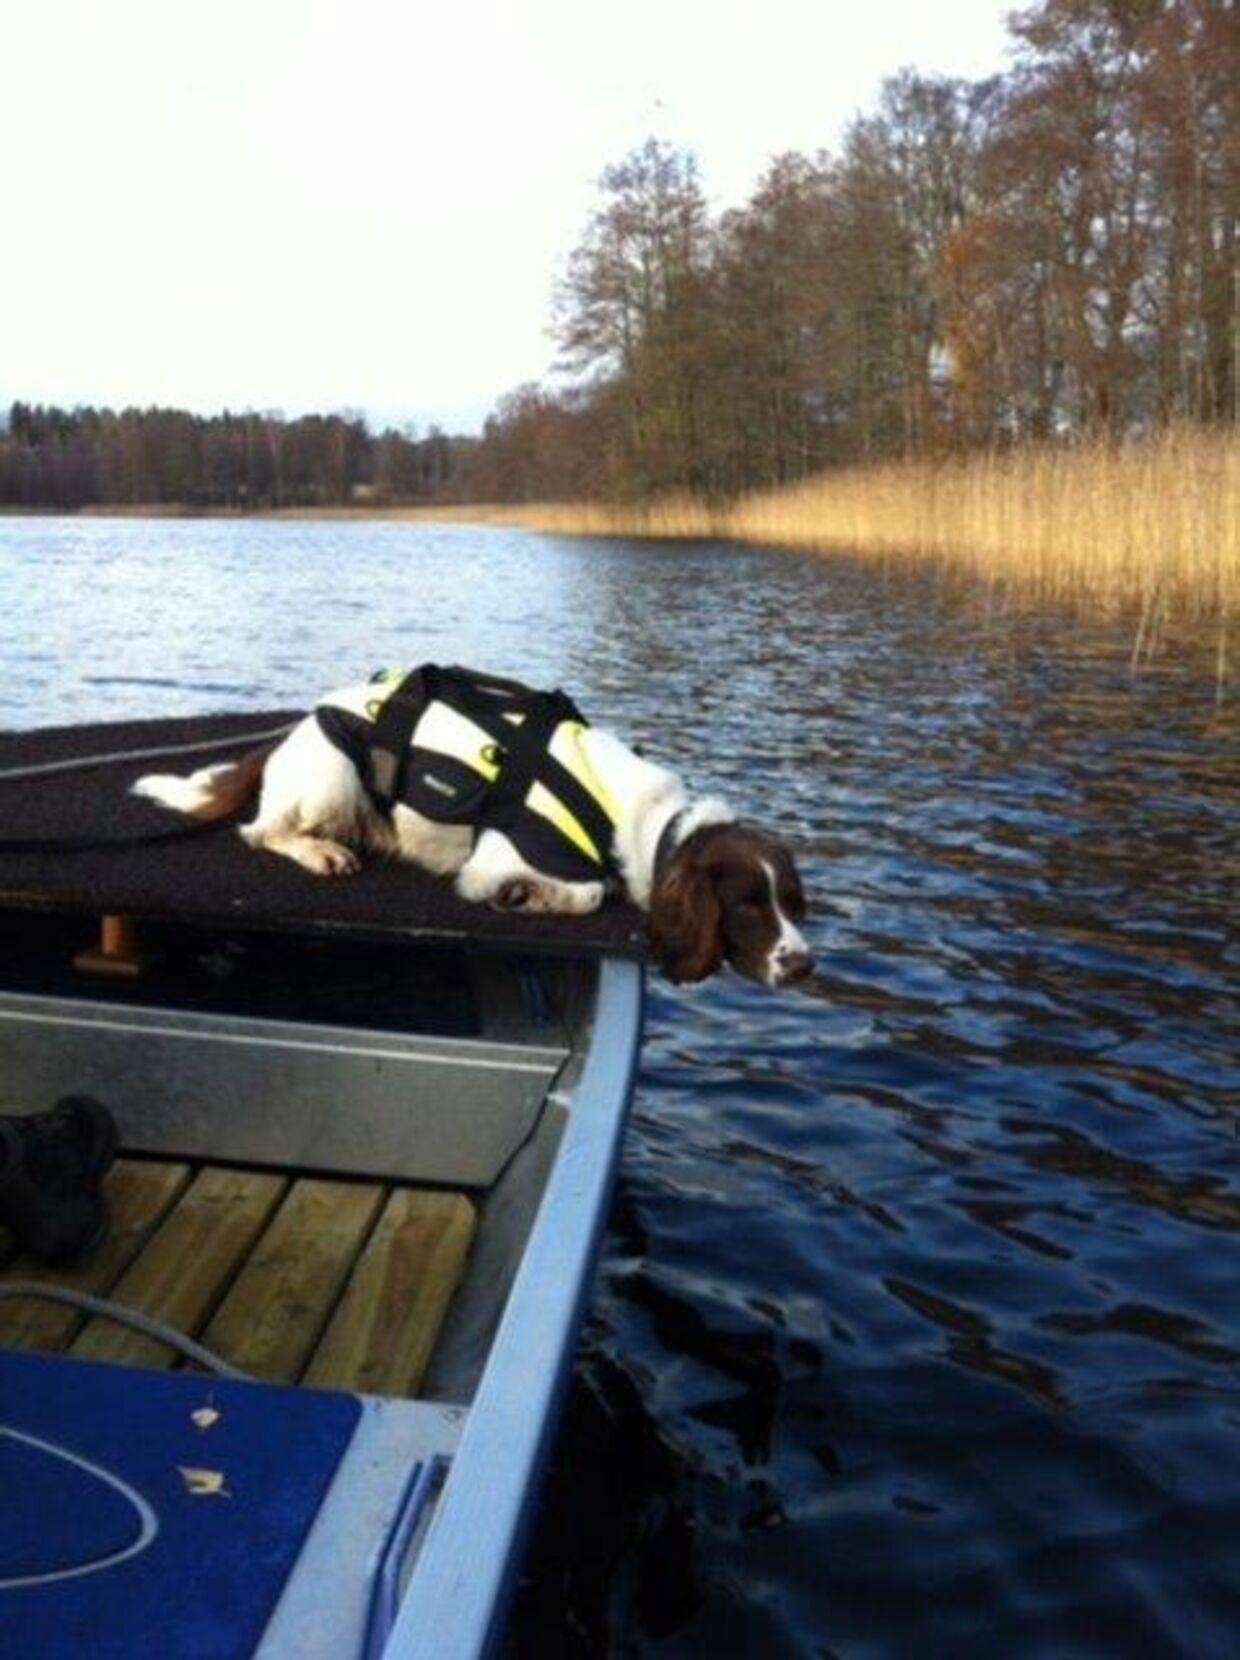 Springerspanielen Ben er en af de to svenske politihunde, som har hjulpet Københavns Politi med at finde de manglende dele af Kim Walls lig, som Peter Madsen efterlod i Øresund efter han havde parteret liget på et tidspunkt i løbet af natten til 11. august. Springerspanielen Ben og labradoren Ace er særligt trænede til at kunne lugte ligrester, som ligger under vand. Hundene har kunne få færten af ligresterne, selvom de lå på op til 12 meters dybde. Hundene har været helt afgørende i arbejdet med at finde ligdelene, hvor politiet stadig mangler at finde Kim Walls højre arm. På billedet er Ben på arbejde i Sverige, hvor hunden normalt arbejder for svensk politi.